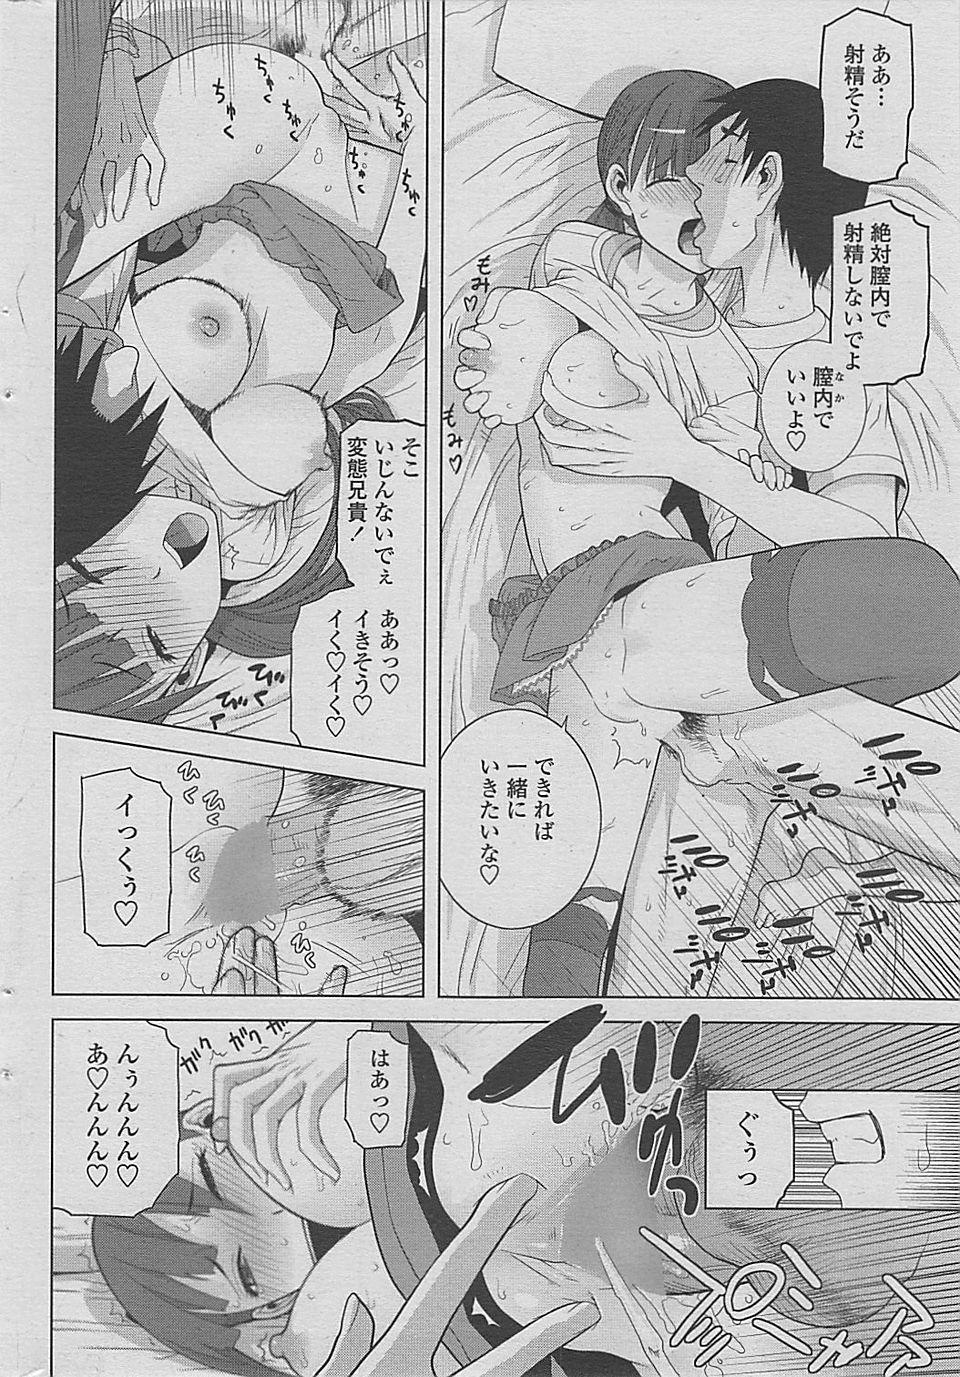 【エロ漫画・エロ同人誌】巨乳の義妹に催眠術かけてって言われたからかけてみたらかかったみたいwツンデレ全開になっちゃってセックスしちゃったwww (14)